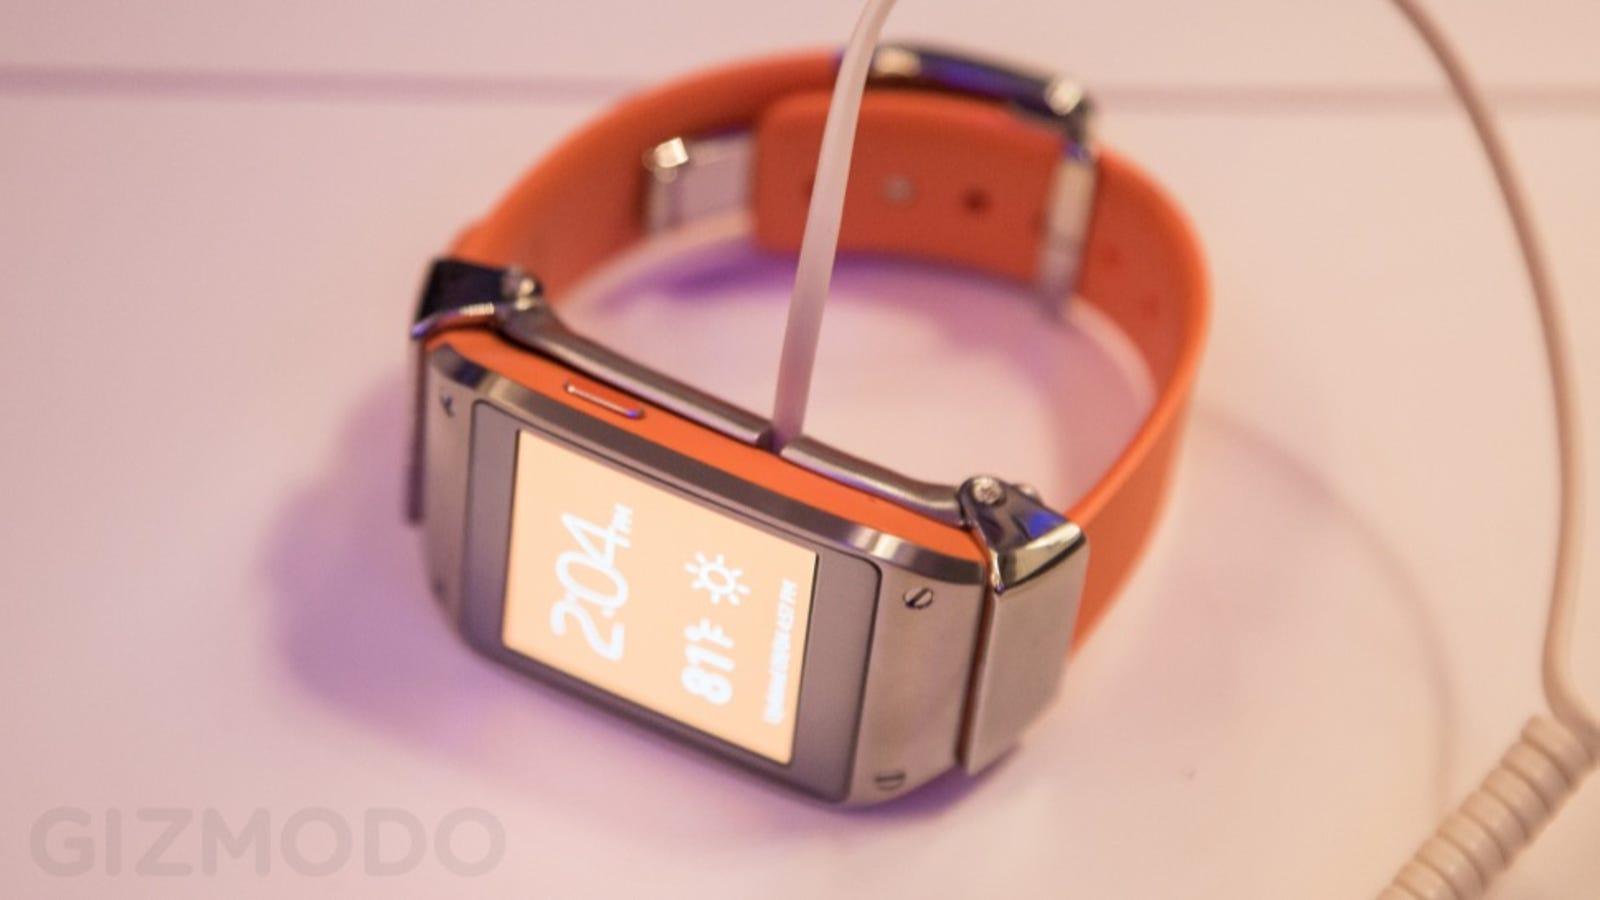 Probamos el Samsung Galaxy Gear: un pionero que requiere adaptación